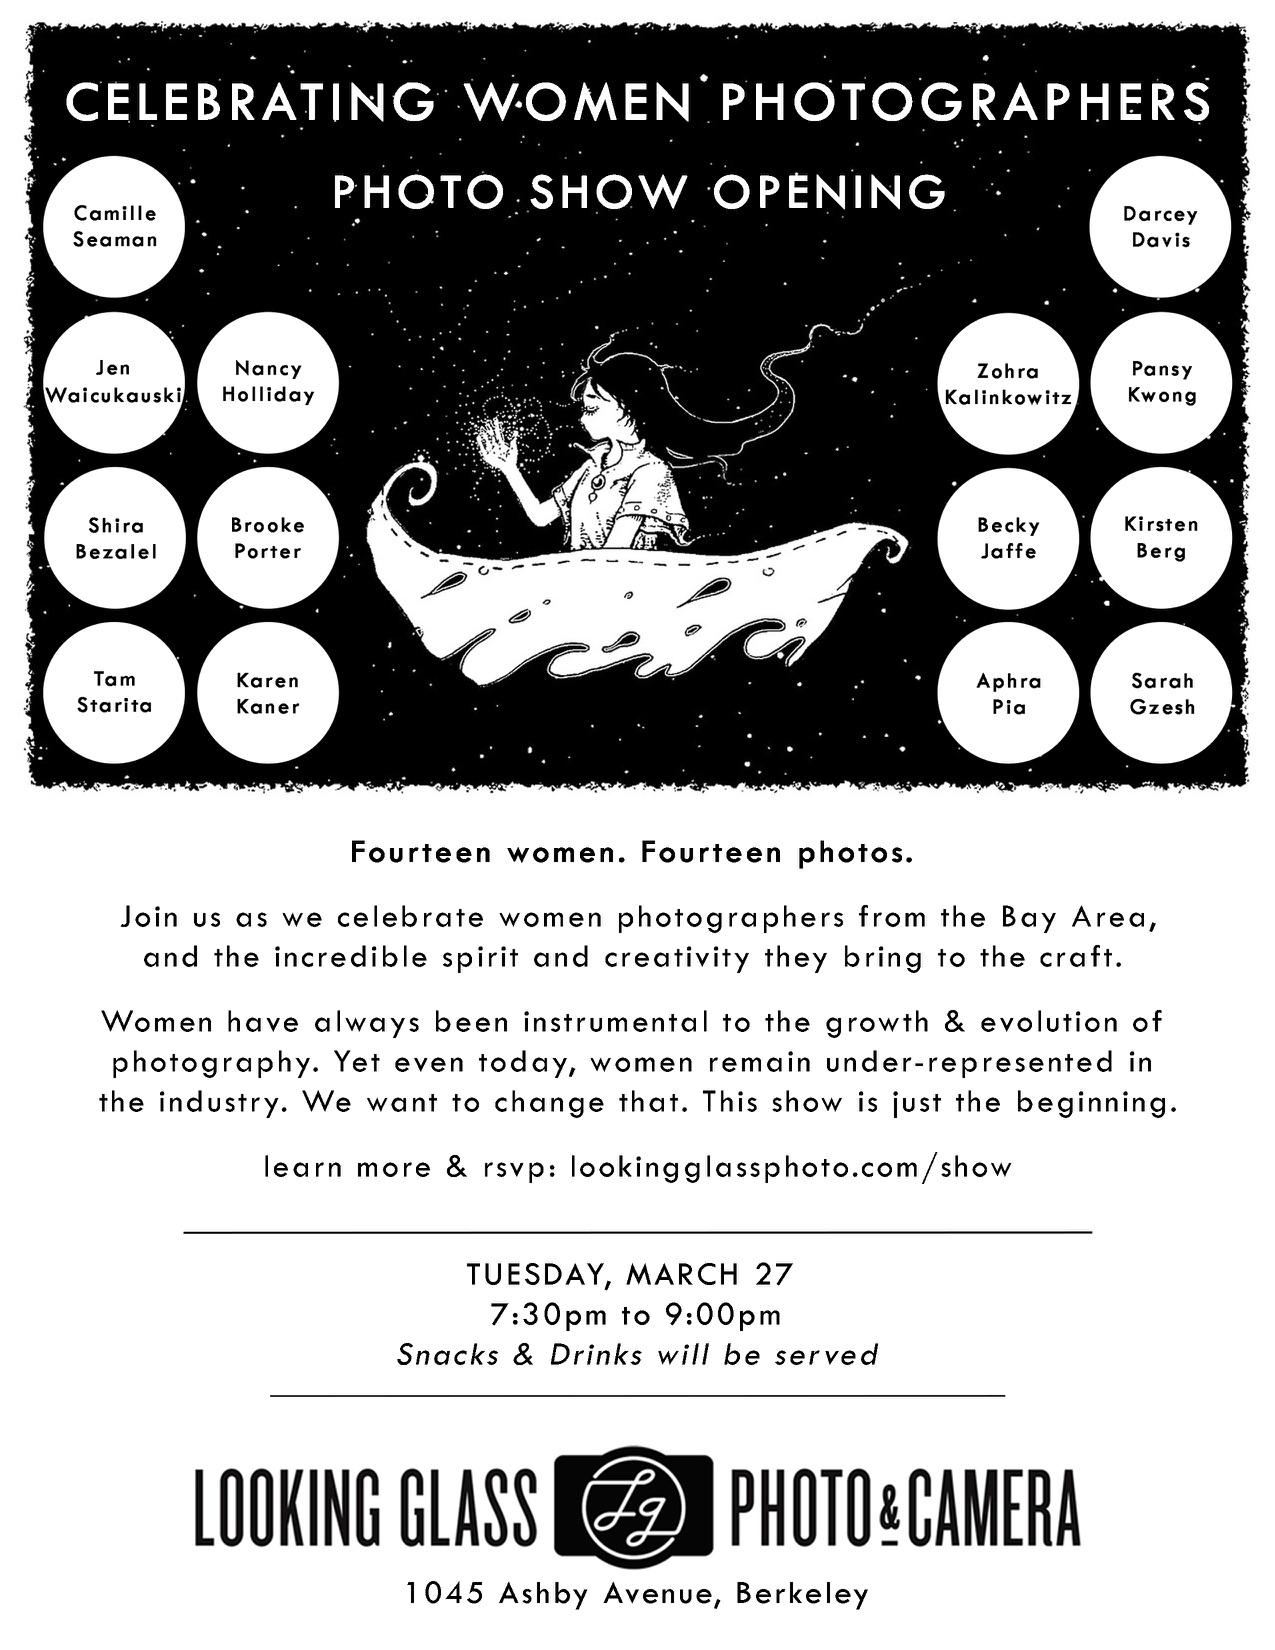 Celebrating Women Photographers